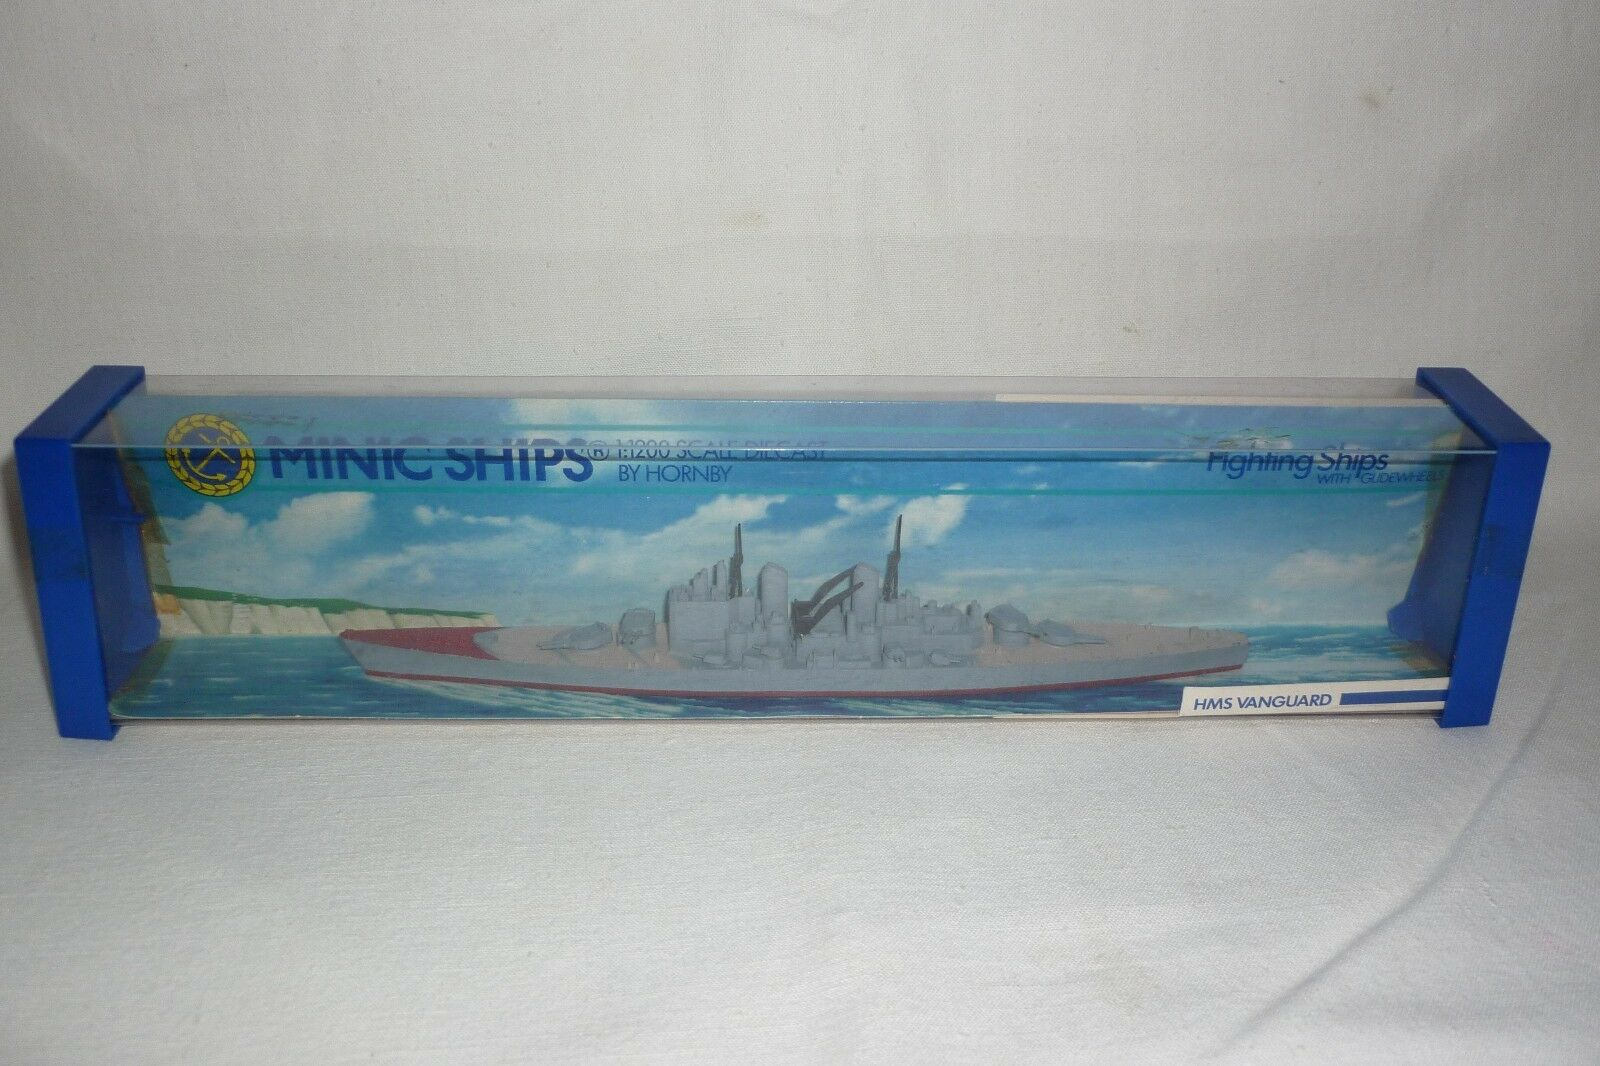 MINIC SHIPS - DIECAST BY HORNBY - HMS VANGUARD - - - 1 1200 - OVP - (1.BO-2)  | Neuankömmling  5e1c3d